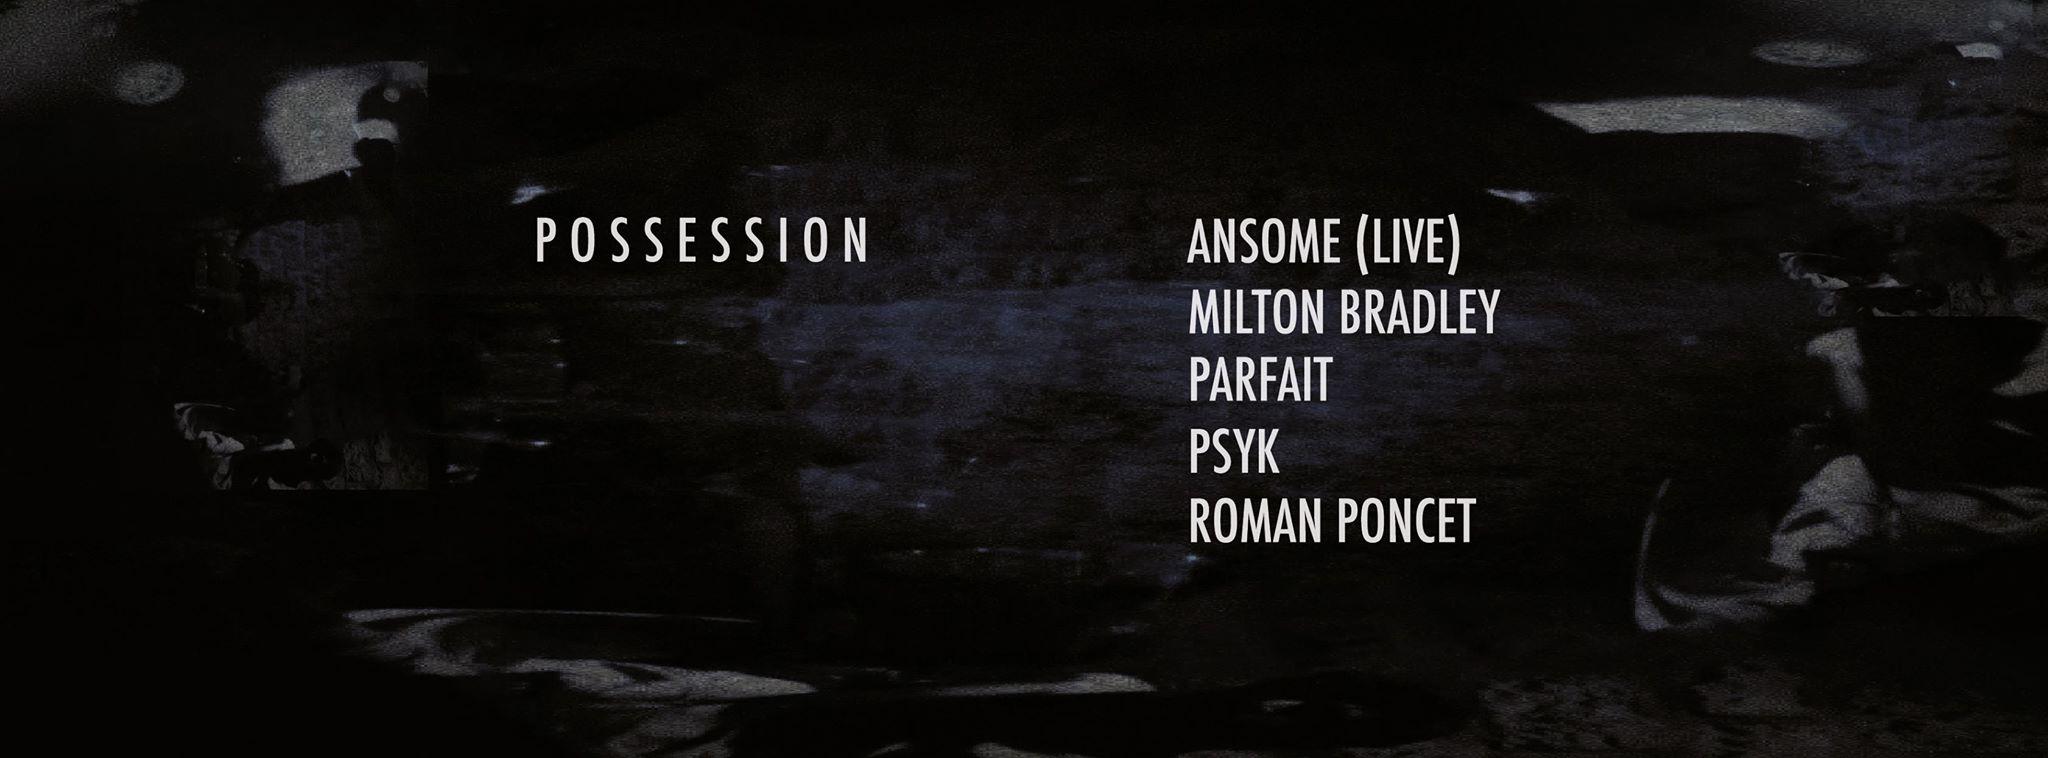 possession paris